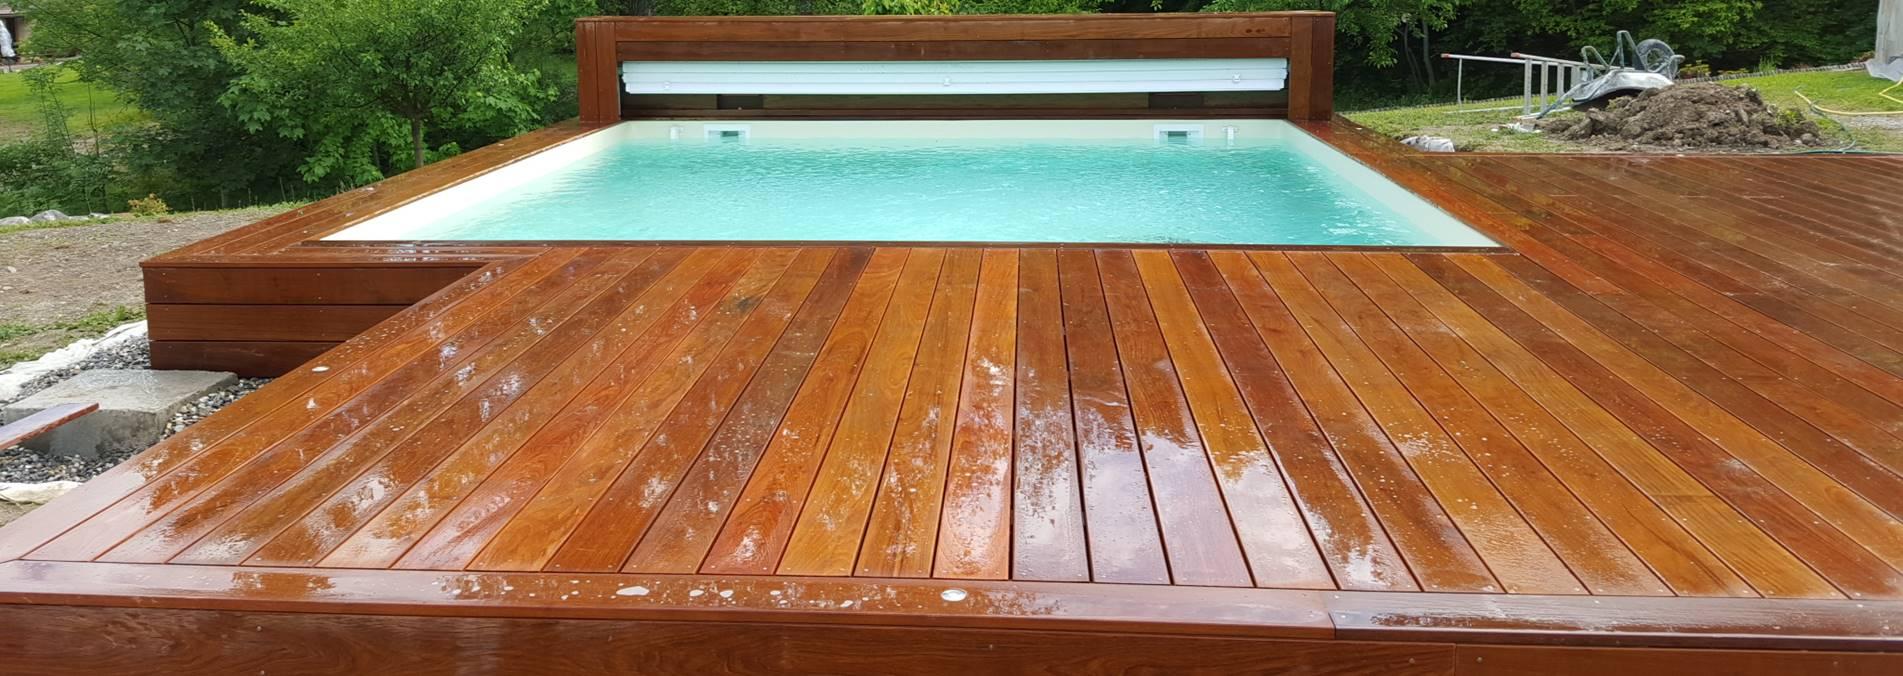 Piscine et terrasse en bois exotique